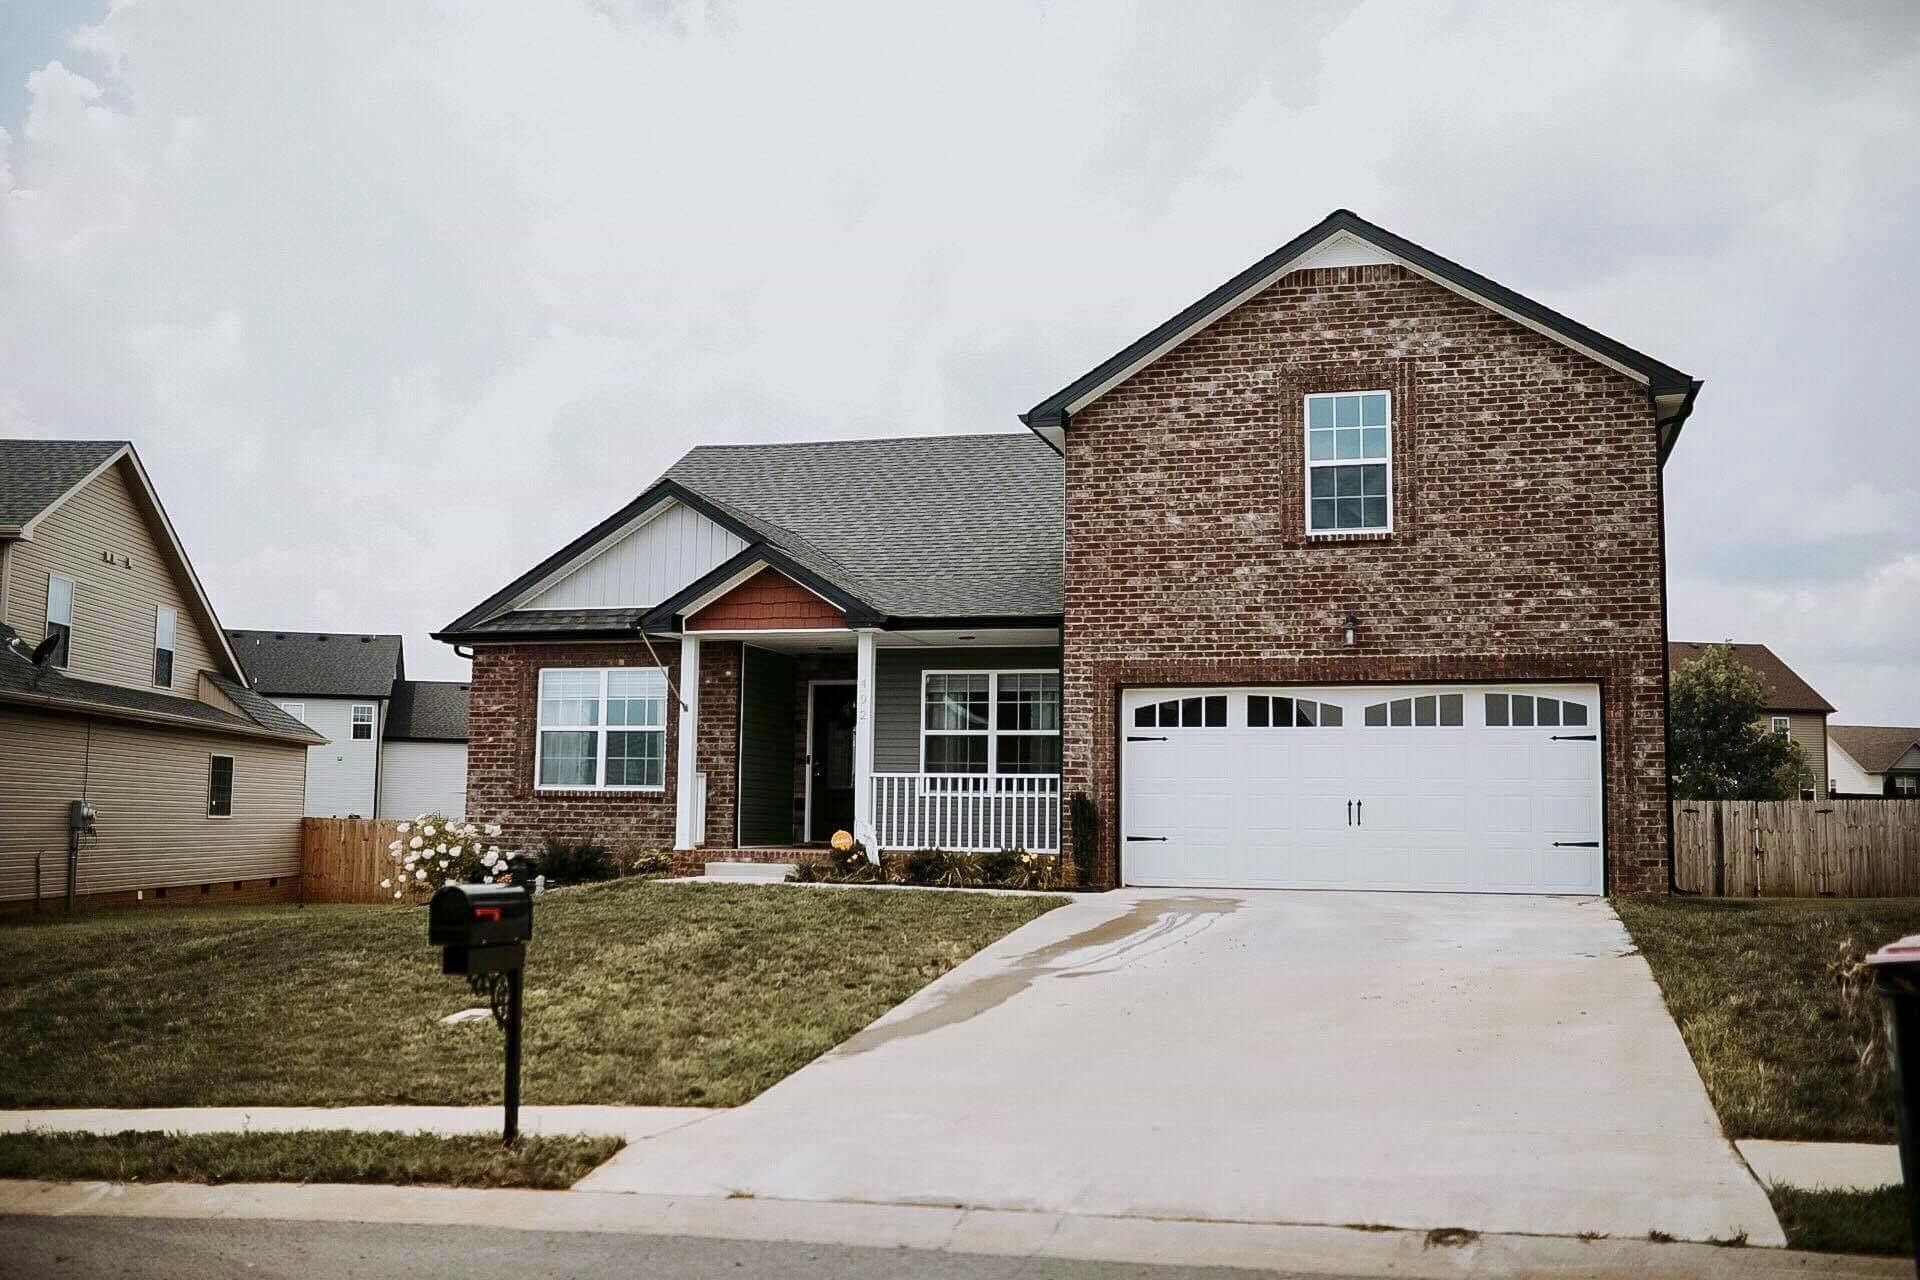 492 Mirren Circle, Clarksville, TN 37042 - Clarksville, TN real estate listing